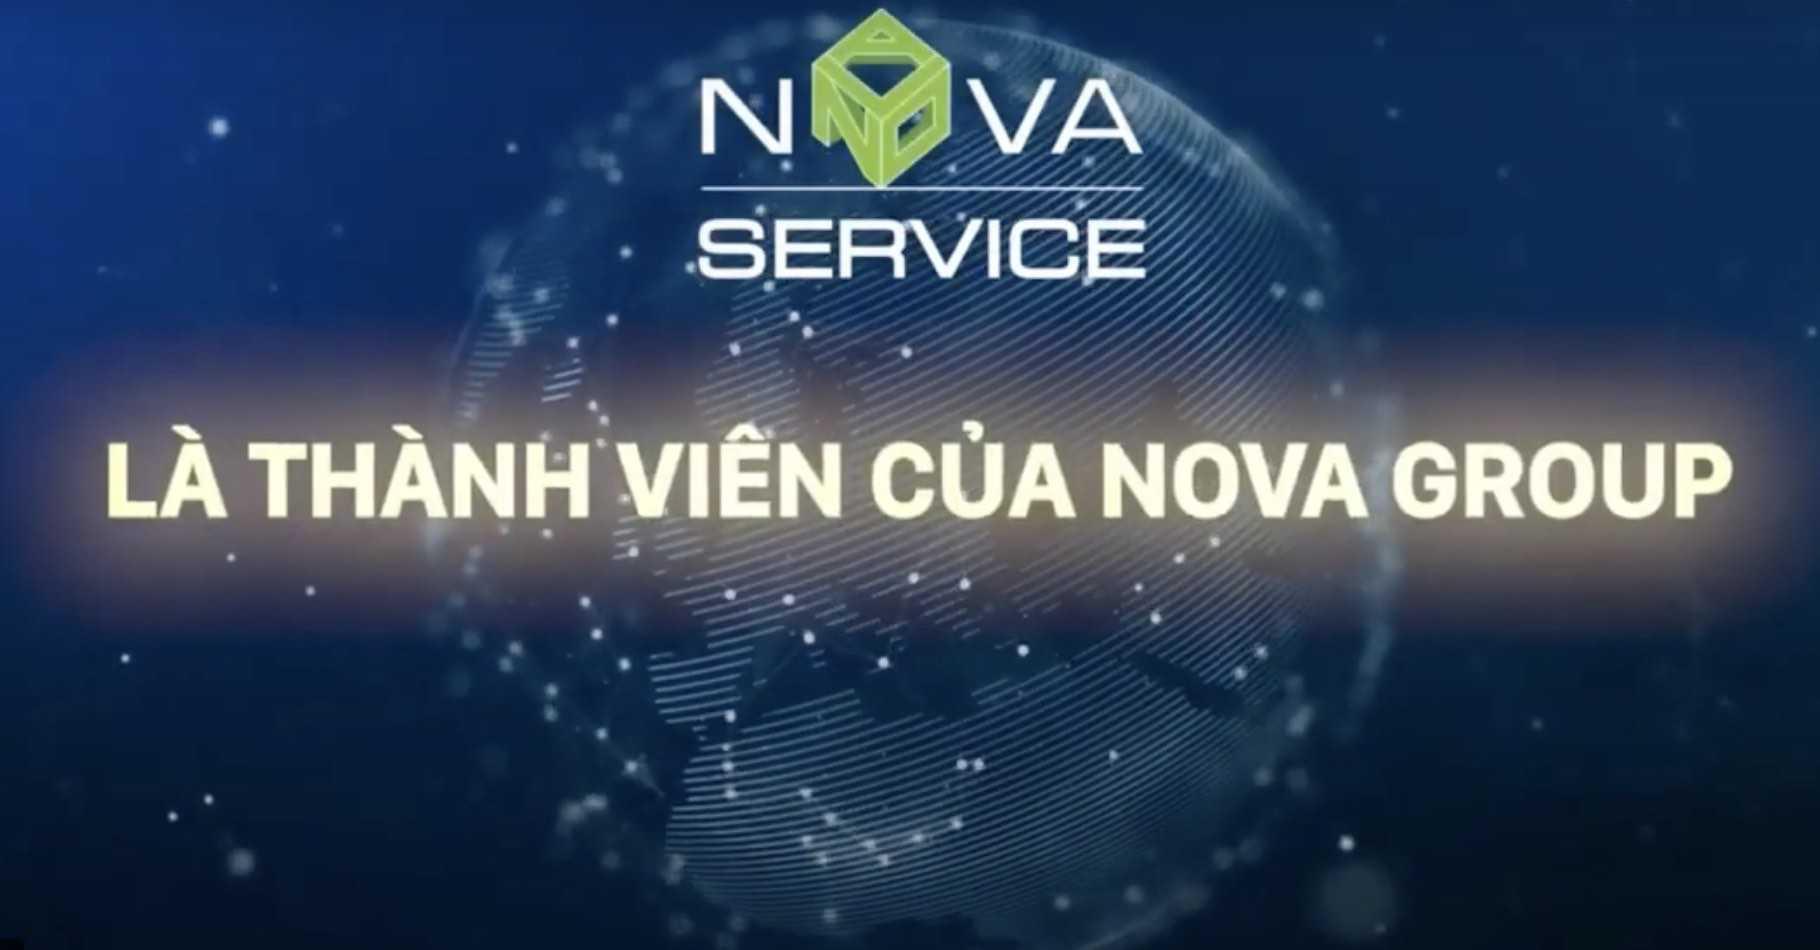 Nova Service: một thành viên của Nova Group